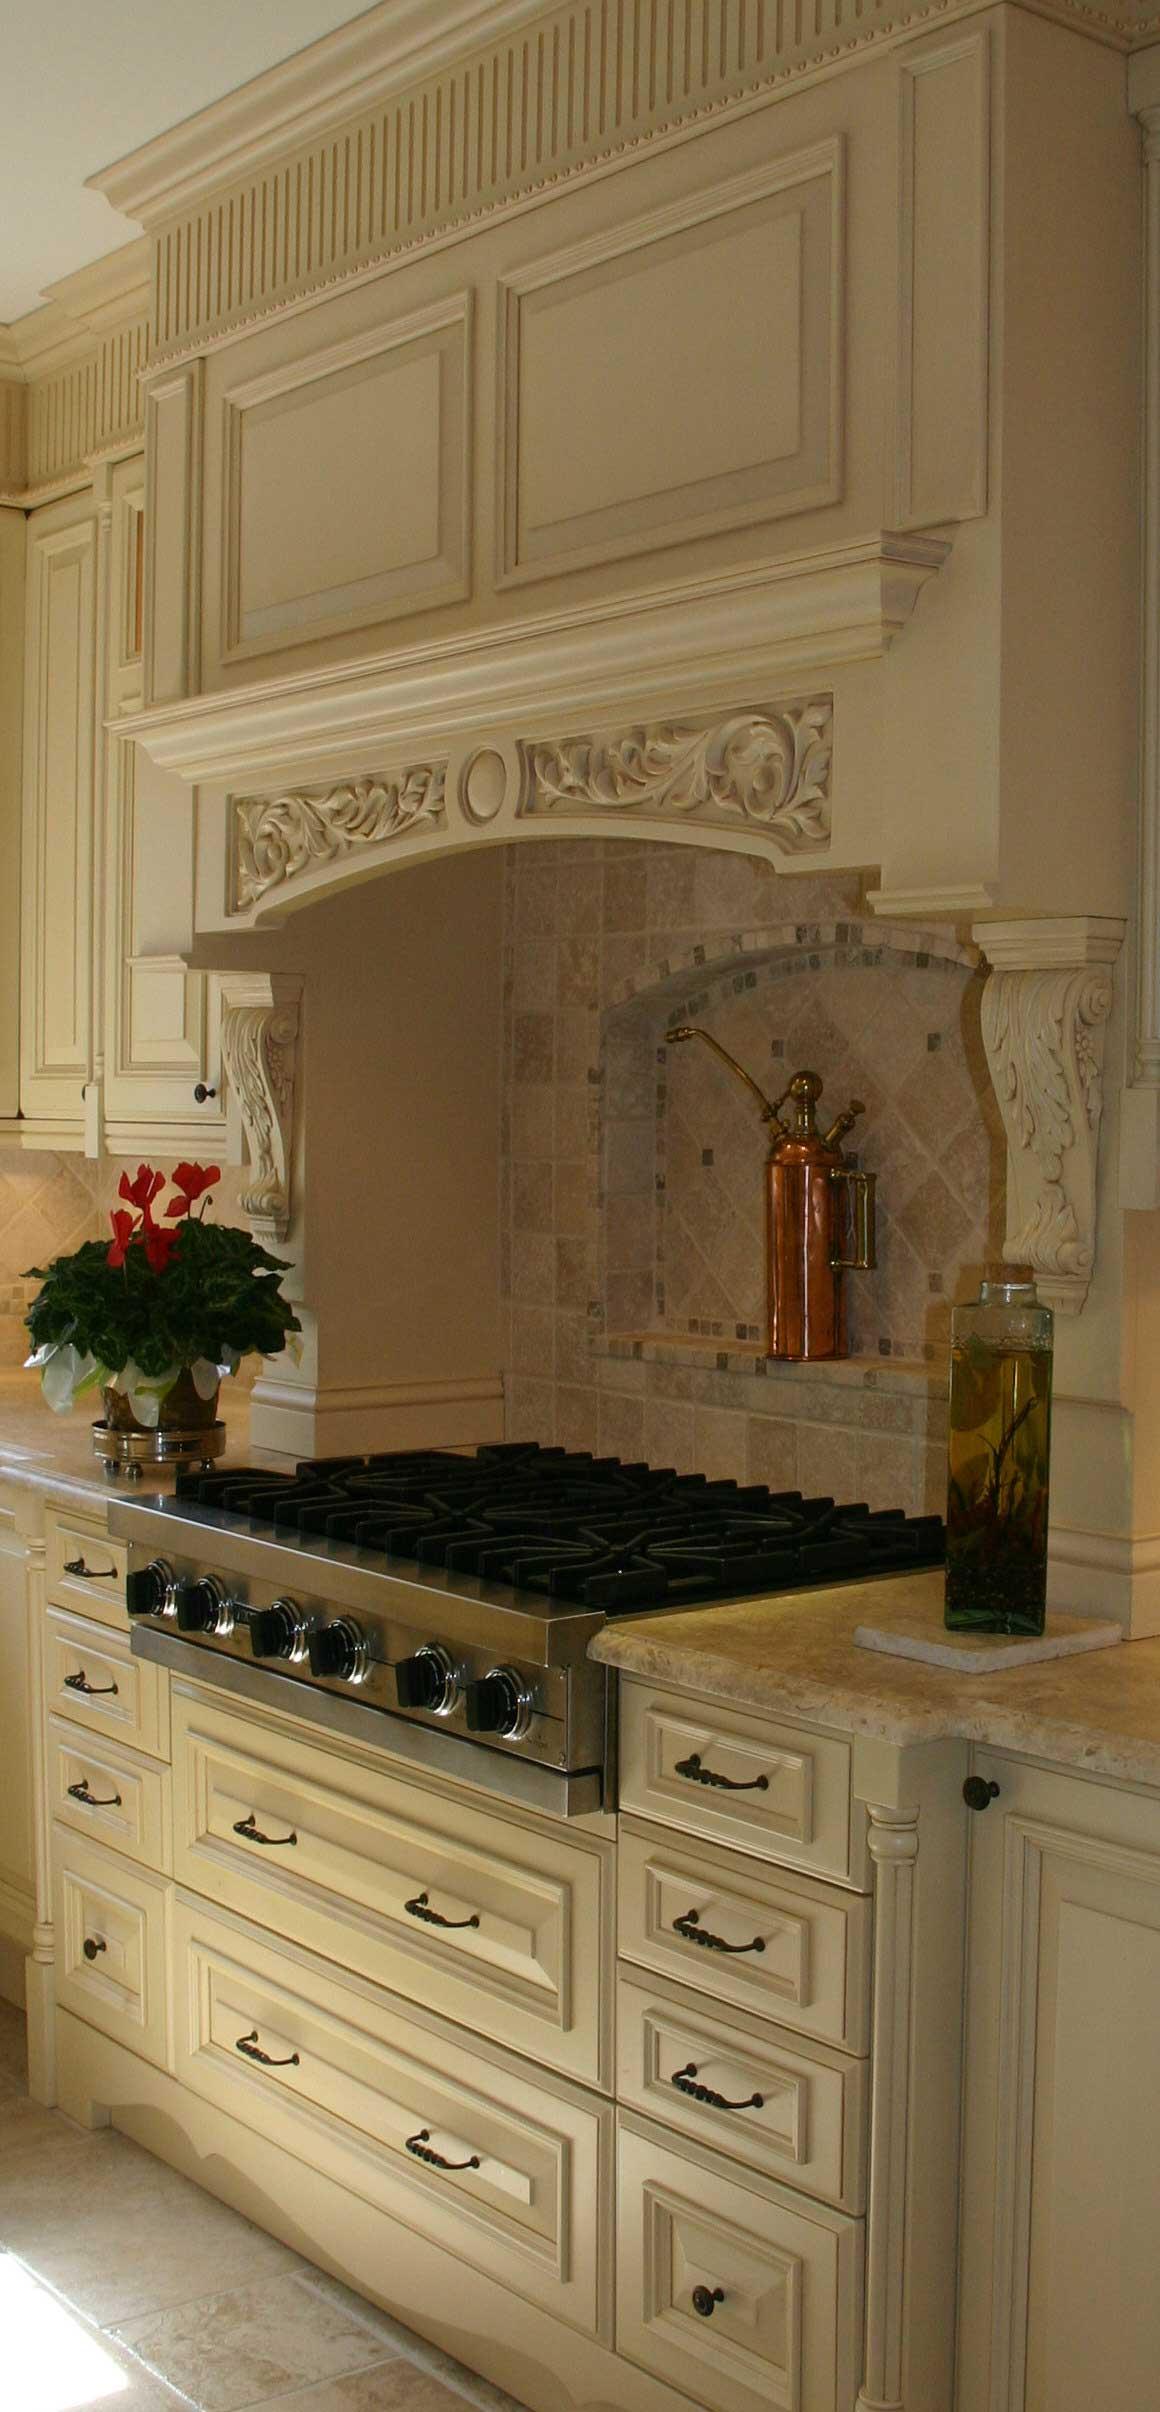 Cuisine classique traditionnelle 3 zone cuisines sur for Atelier de cuisine laval